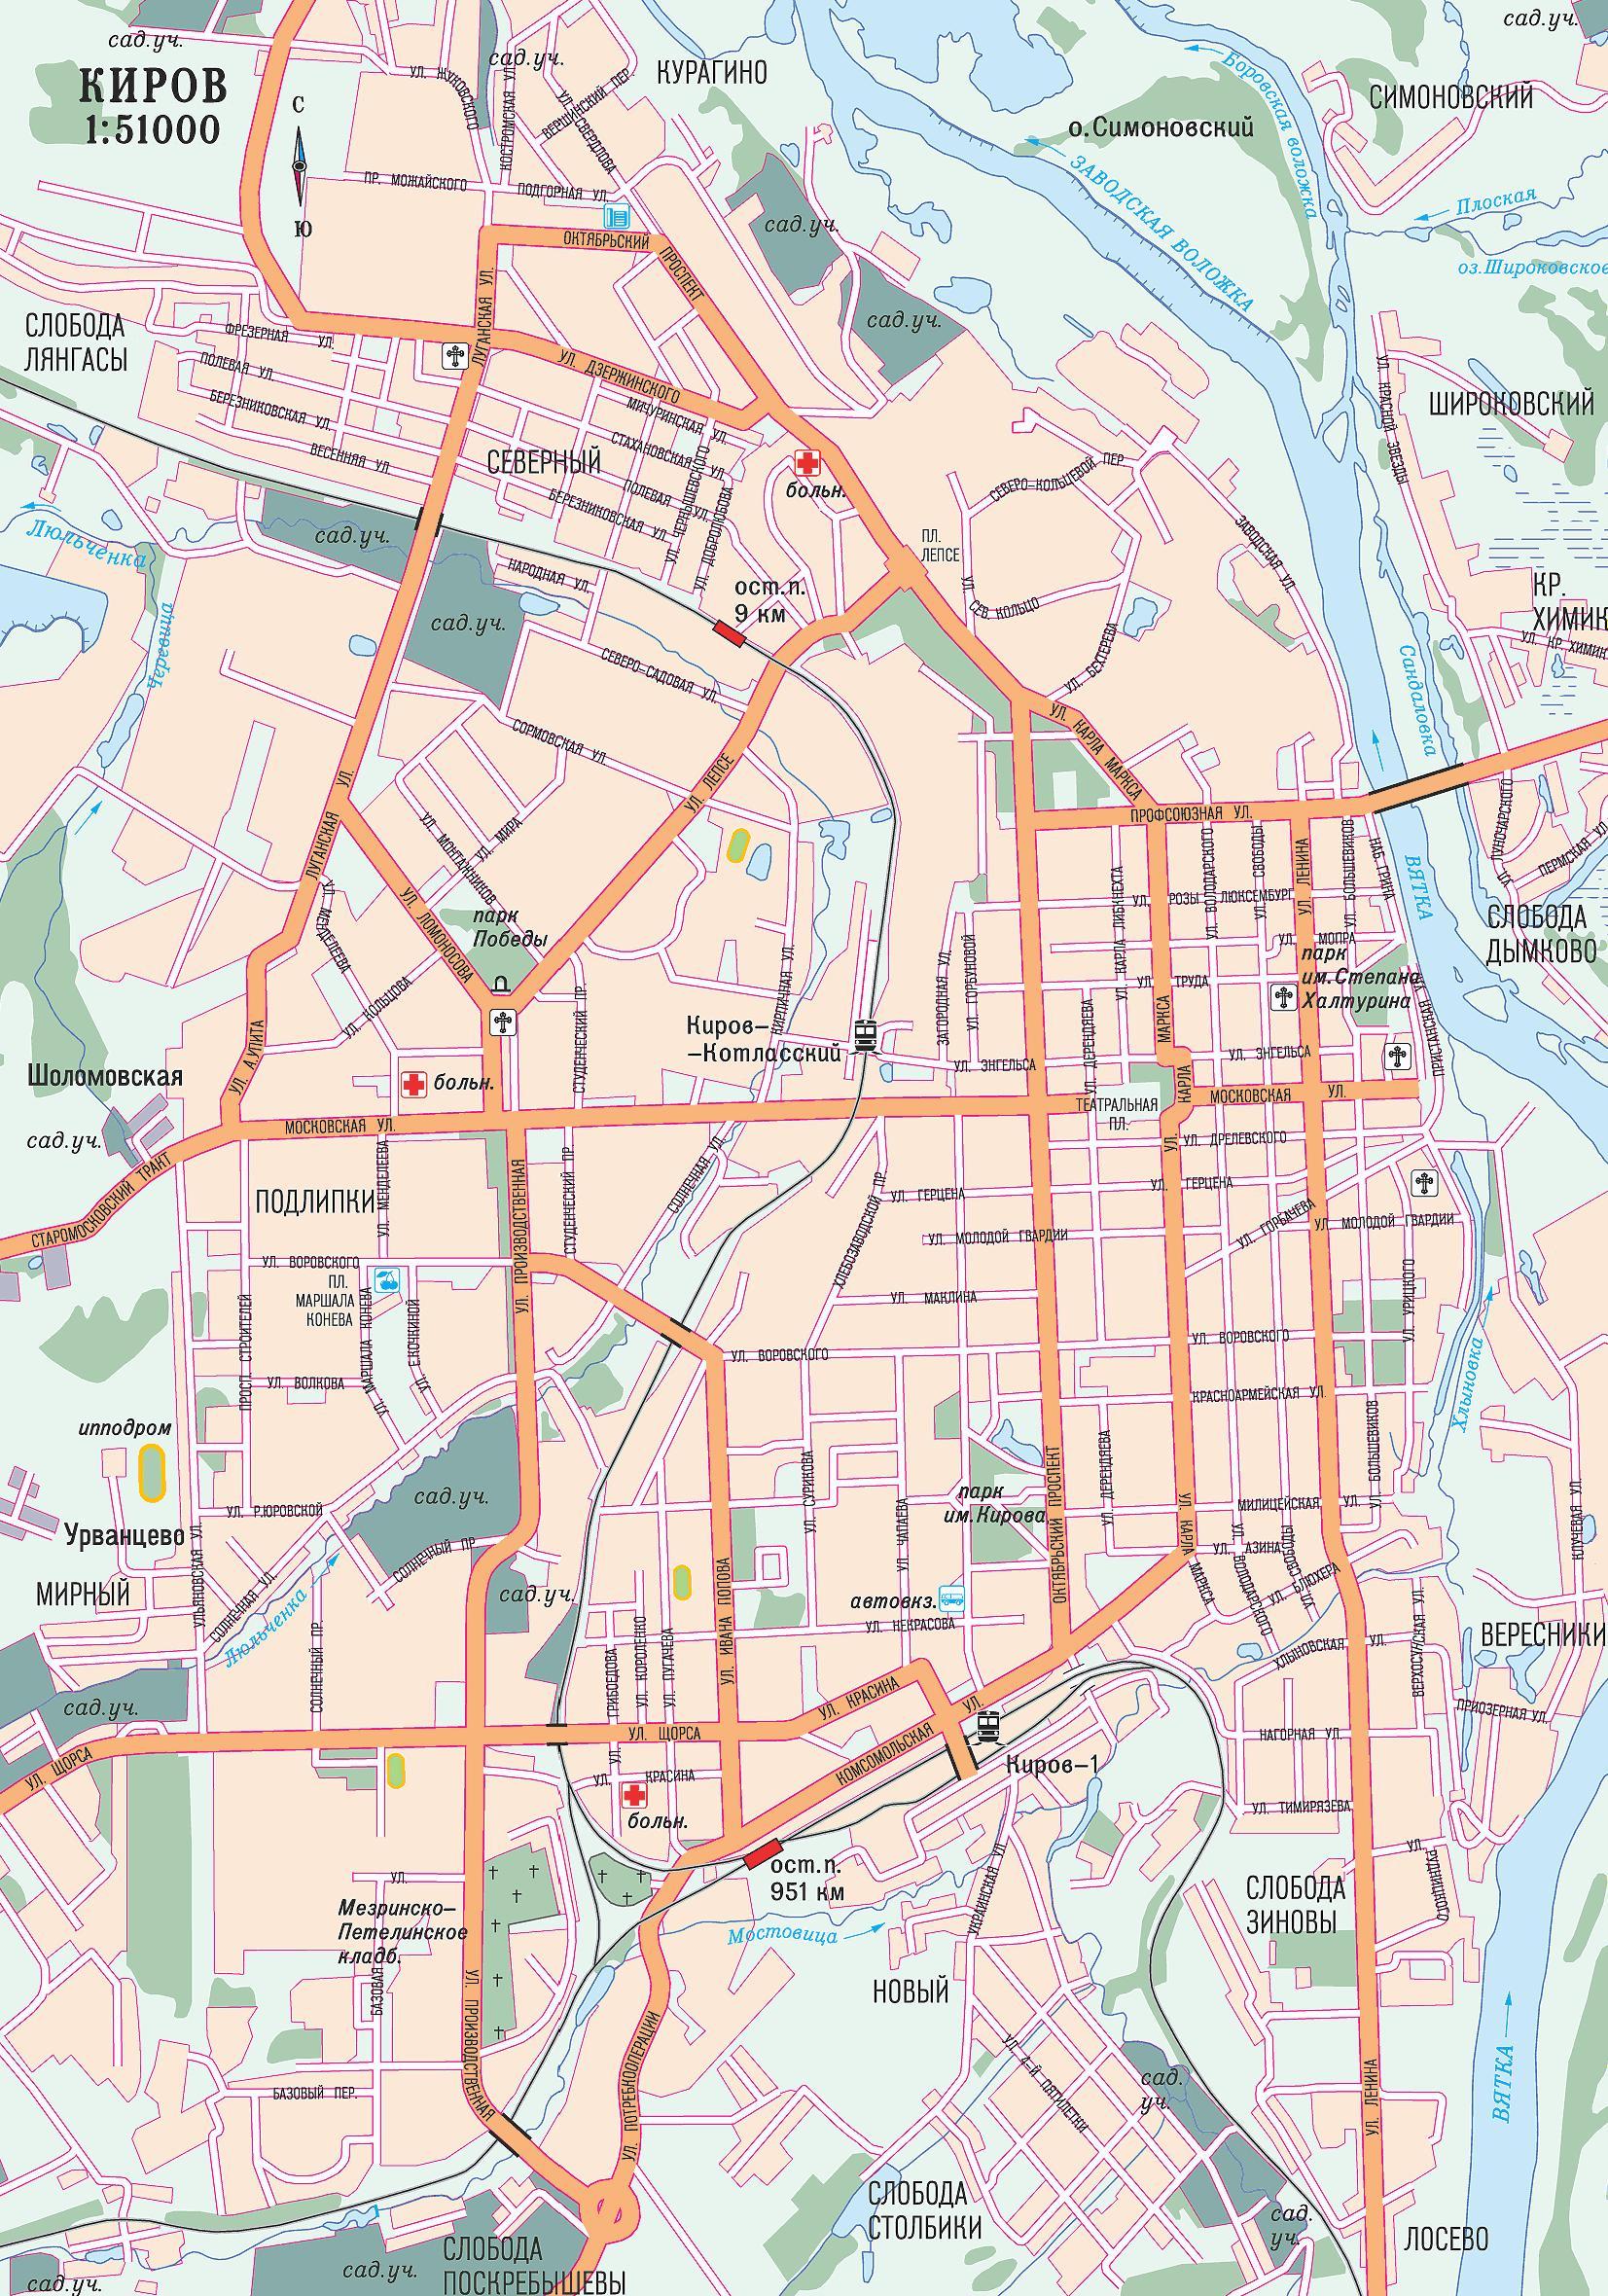 Карта Ставрополя: улицы, дома и организации города — 2ГИС